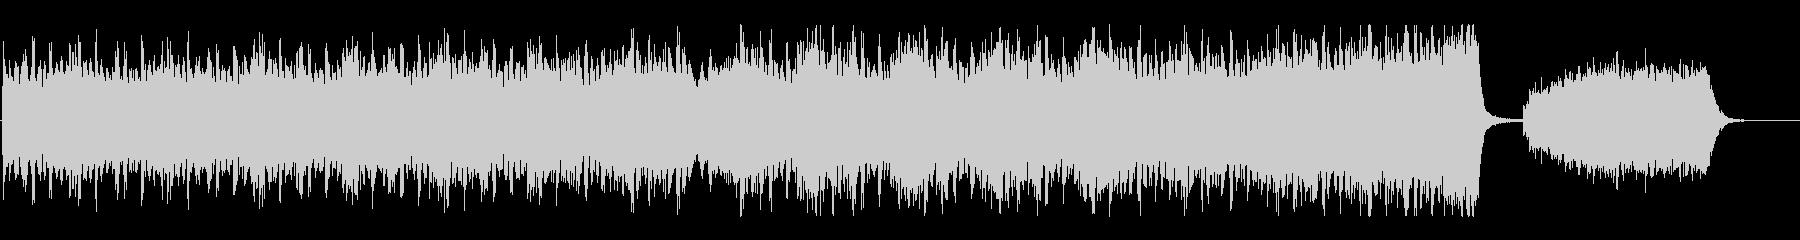 トレーラー音楽:ロックオーケストラの未再生の波形